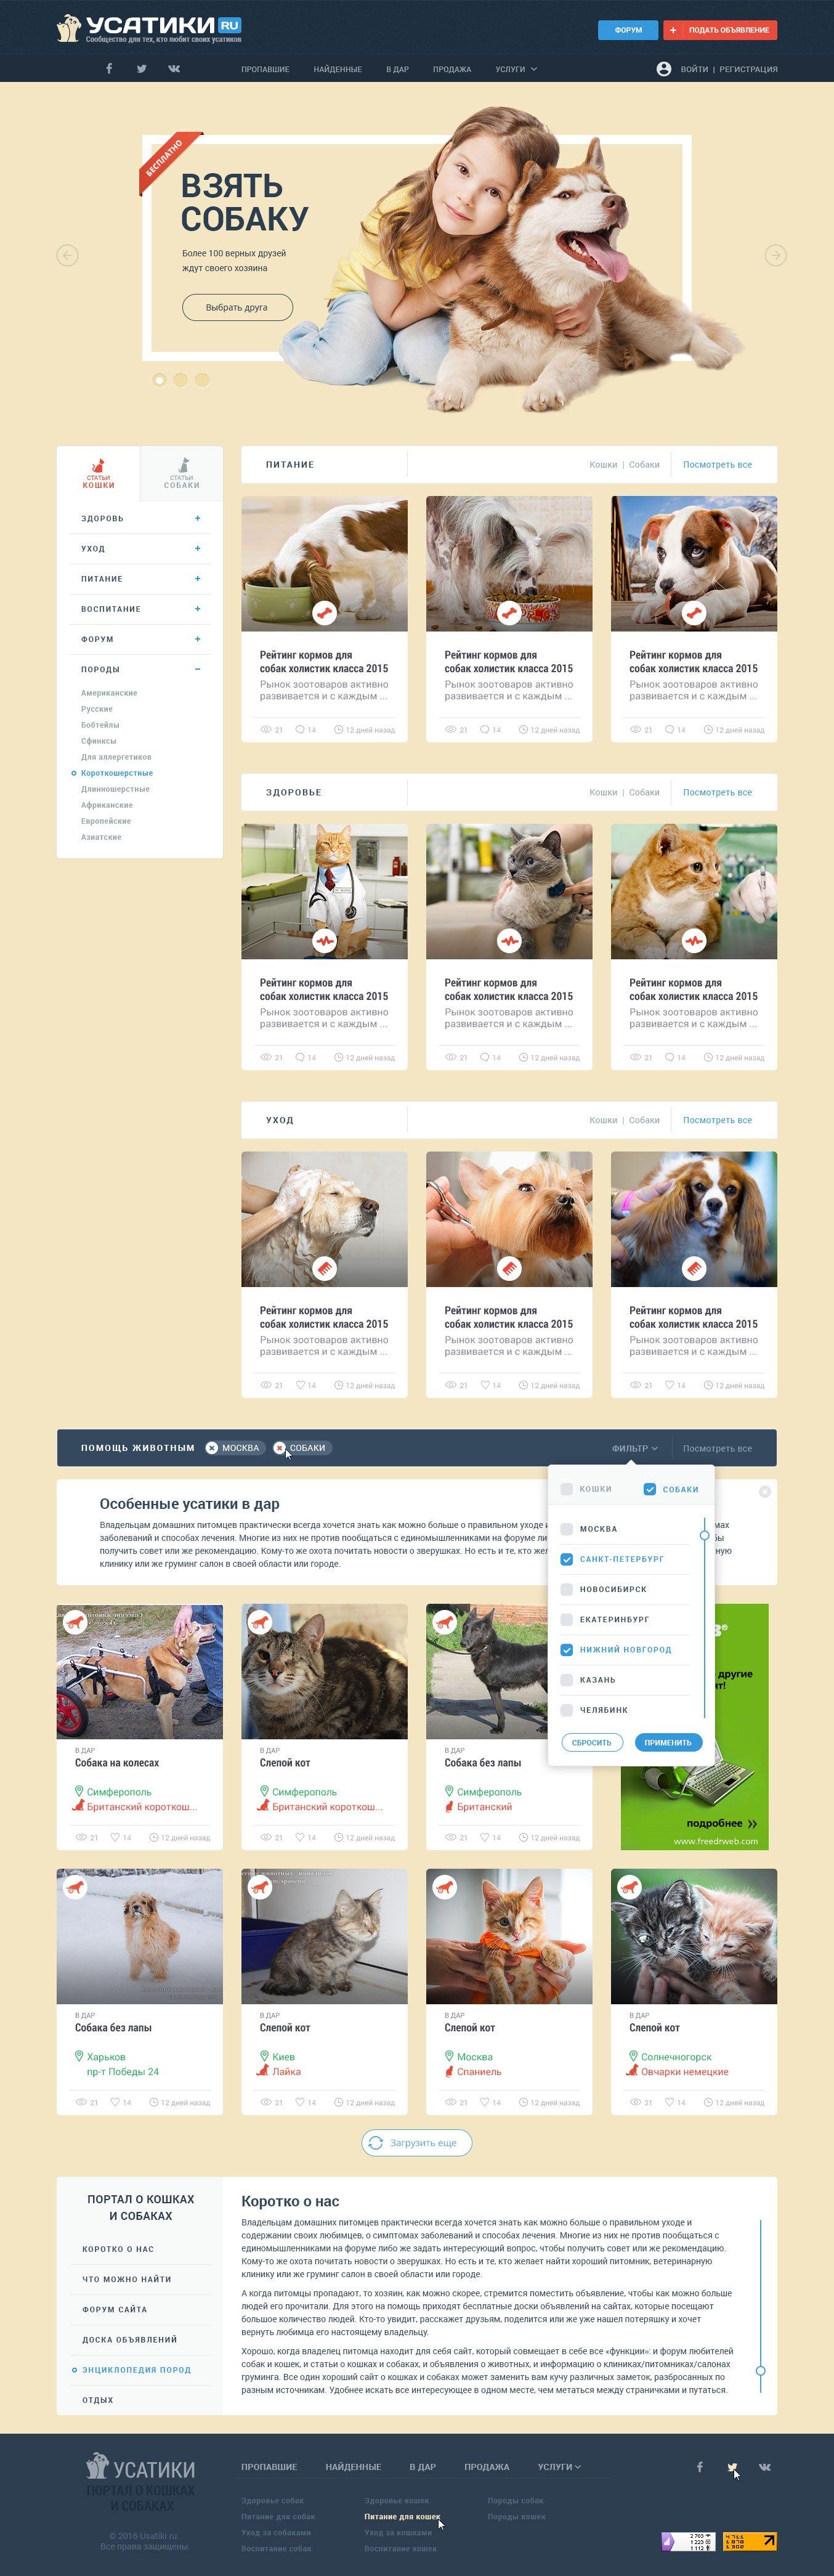 Дизайн сайта о животных